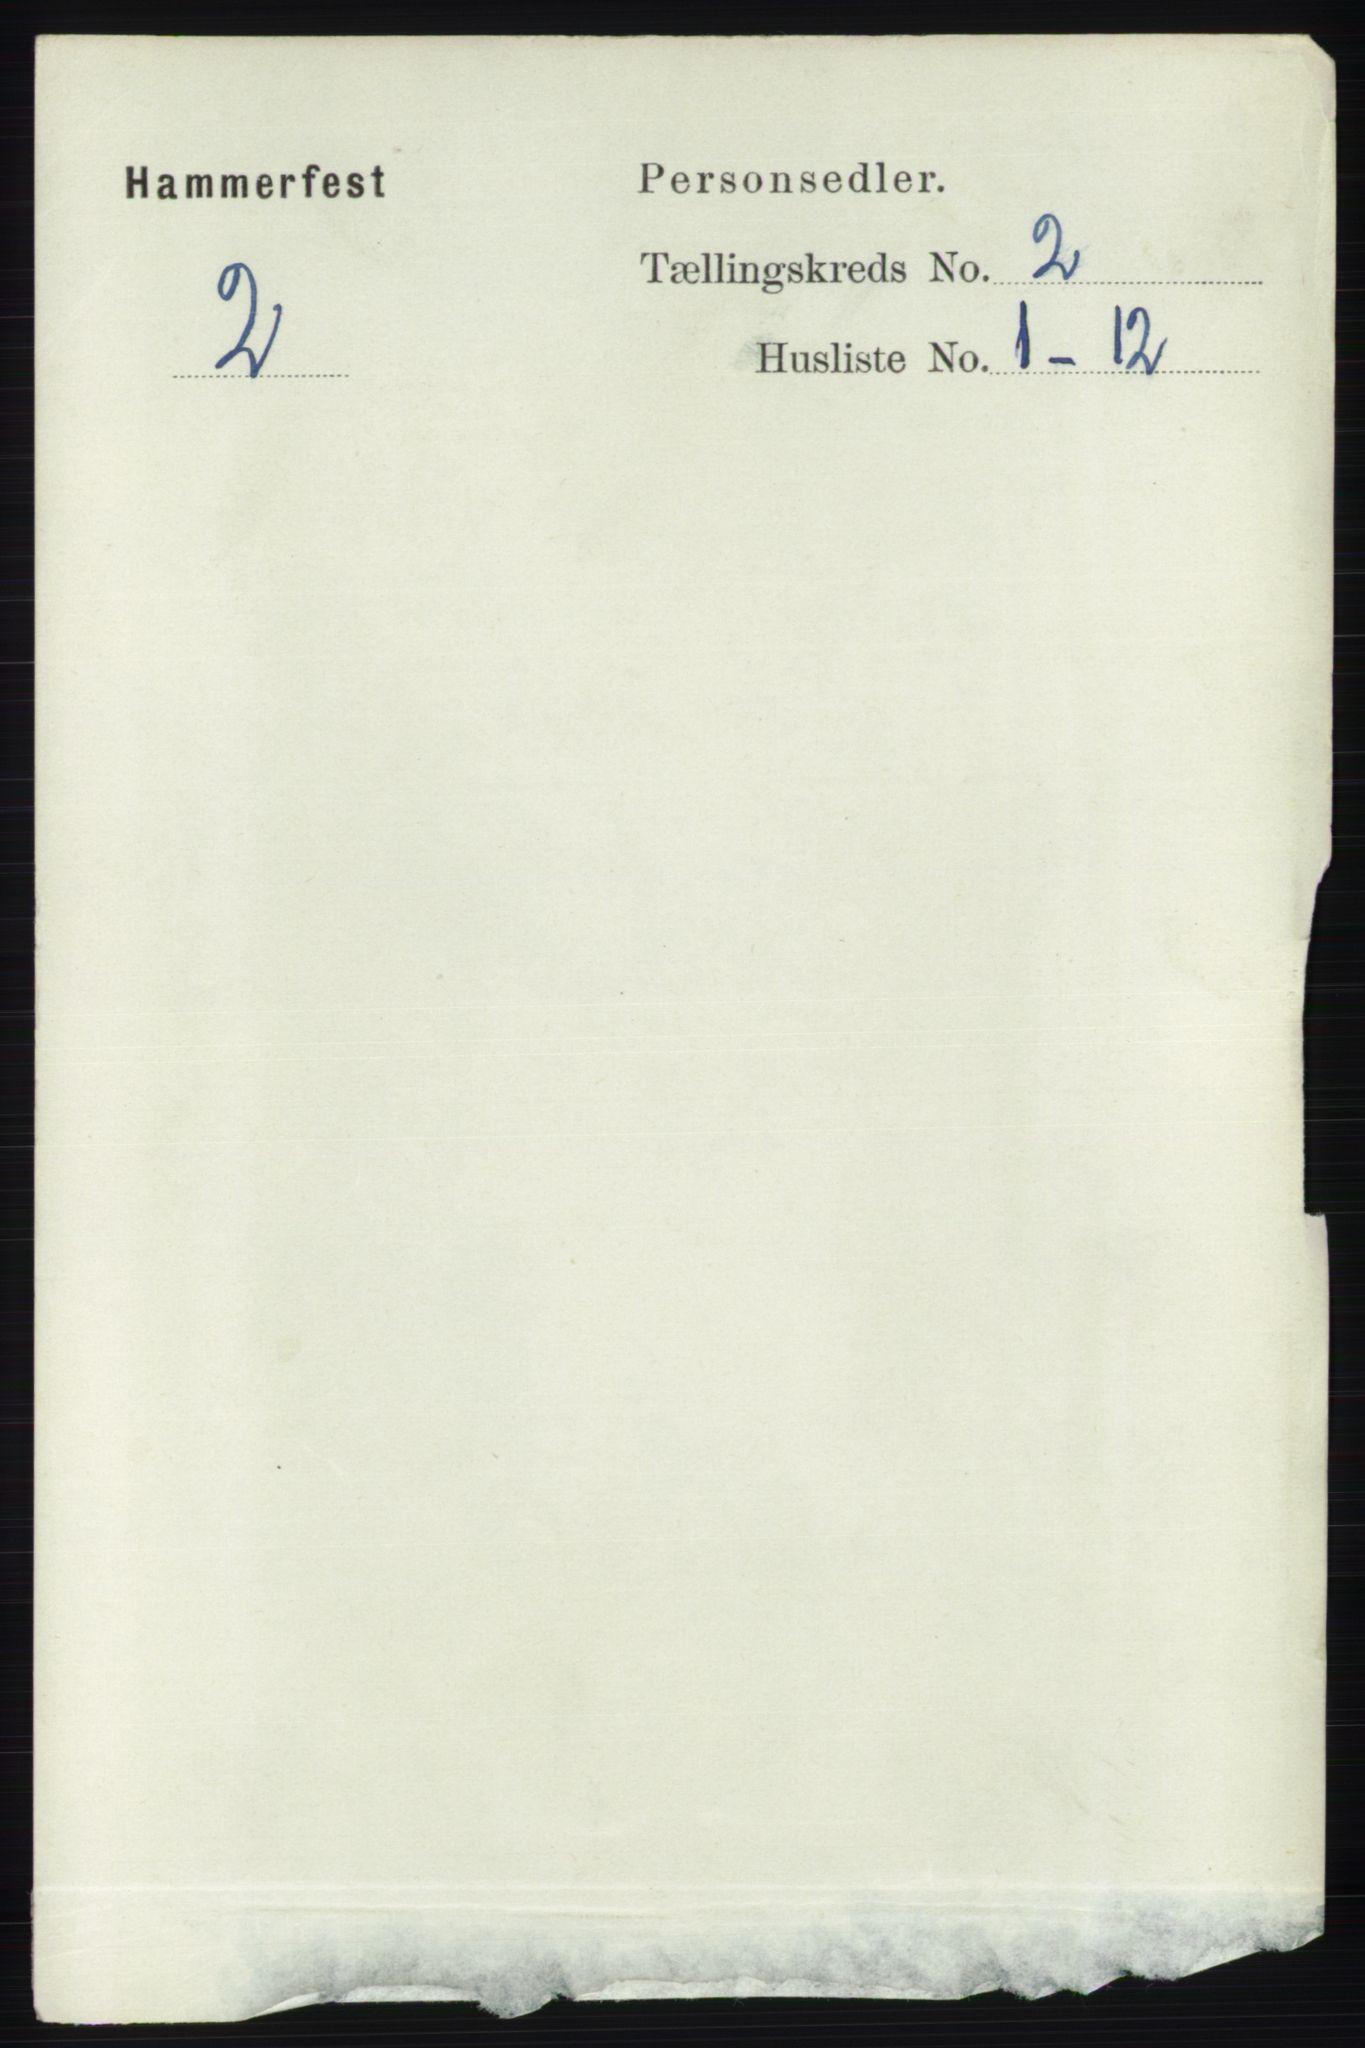 RA, Folketelling 1891 for 2001 Hammerfest kjøpstad, 1891, s. 271